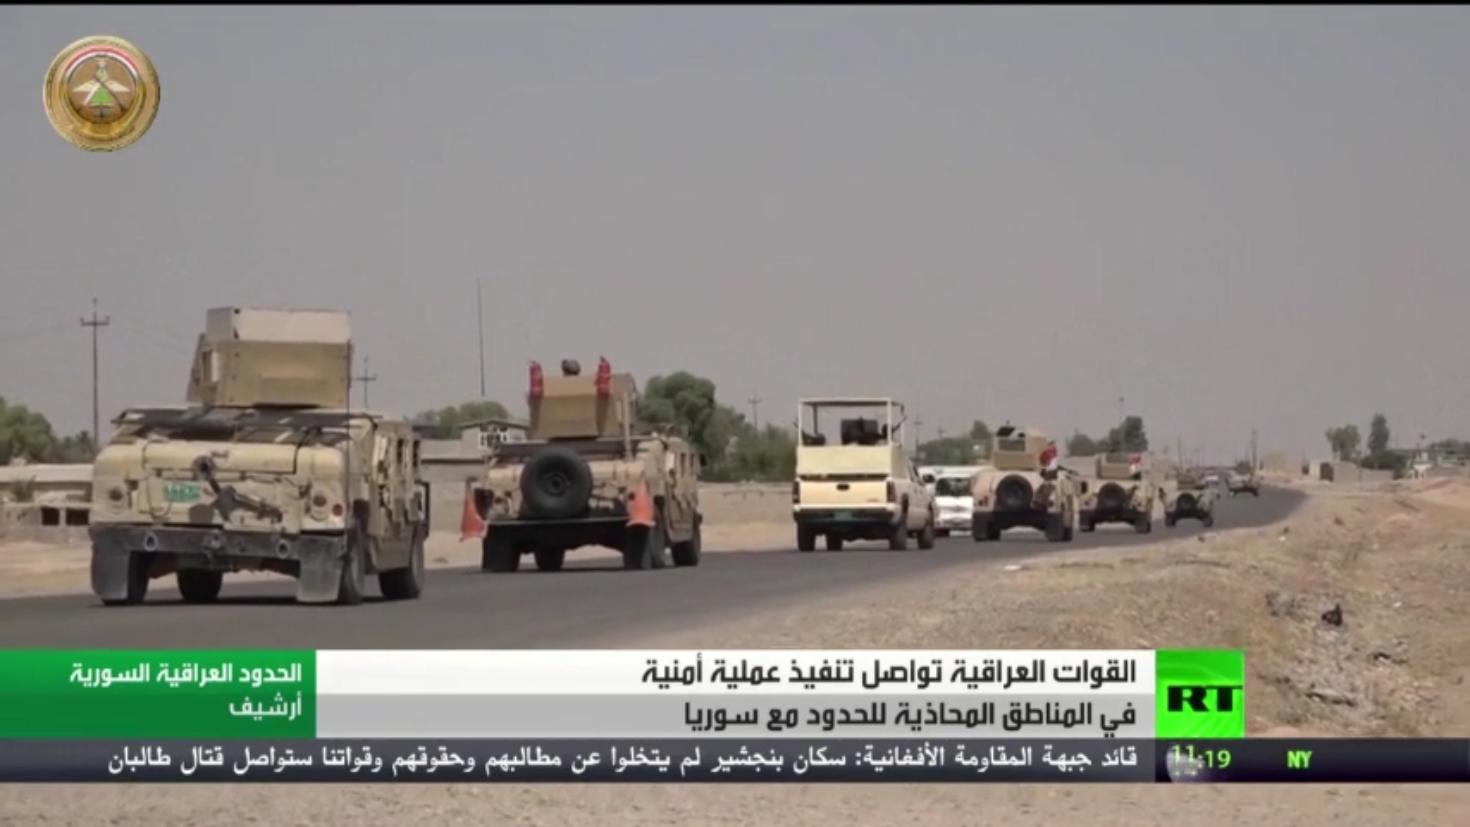 إجراءات أمنية عراقية لسد الثغرات الحدودية